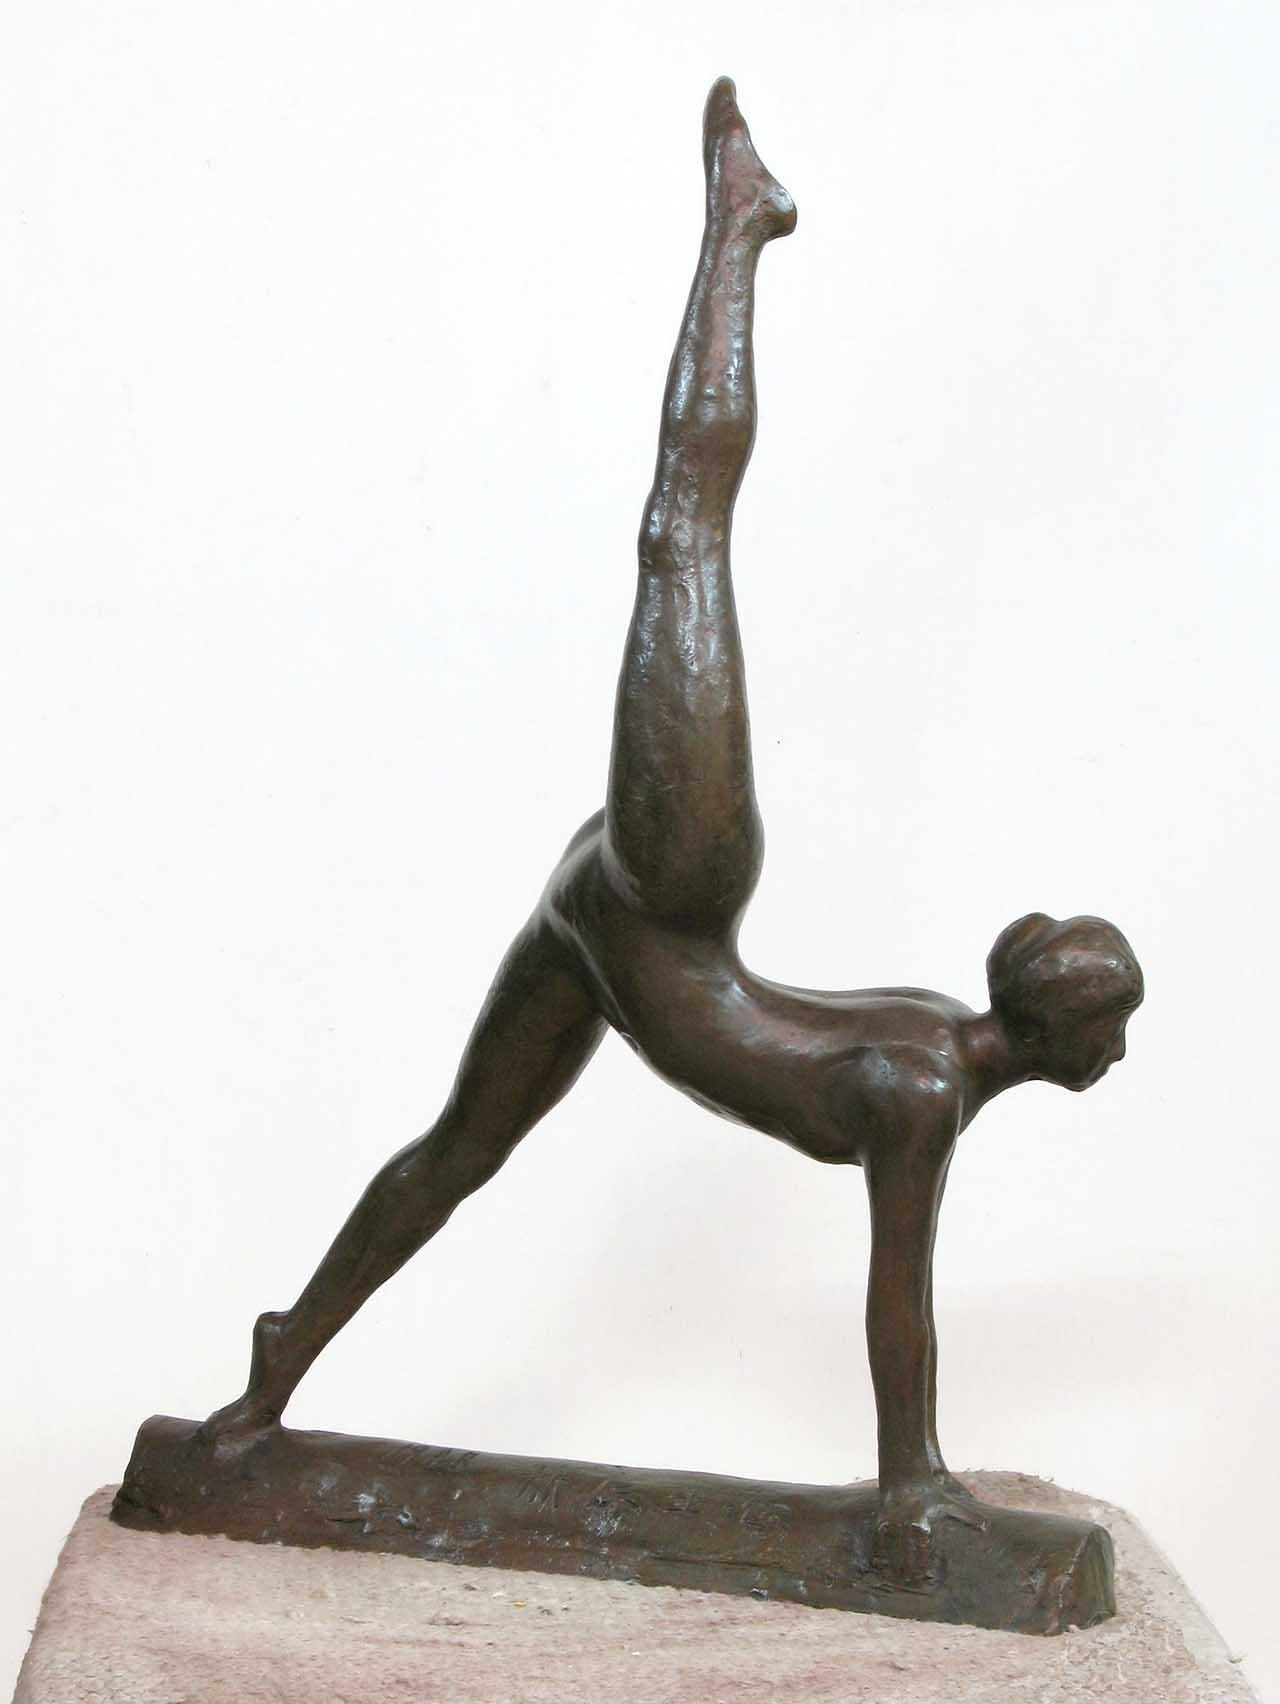 蒲添生 運動系列-2 青銅 58x41x14cm